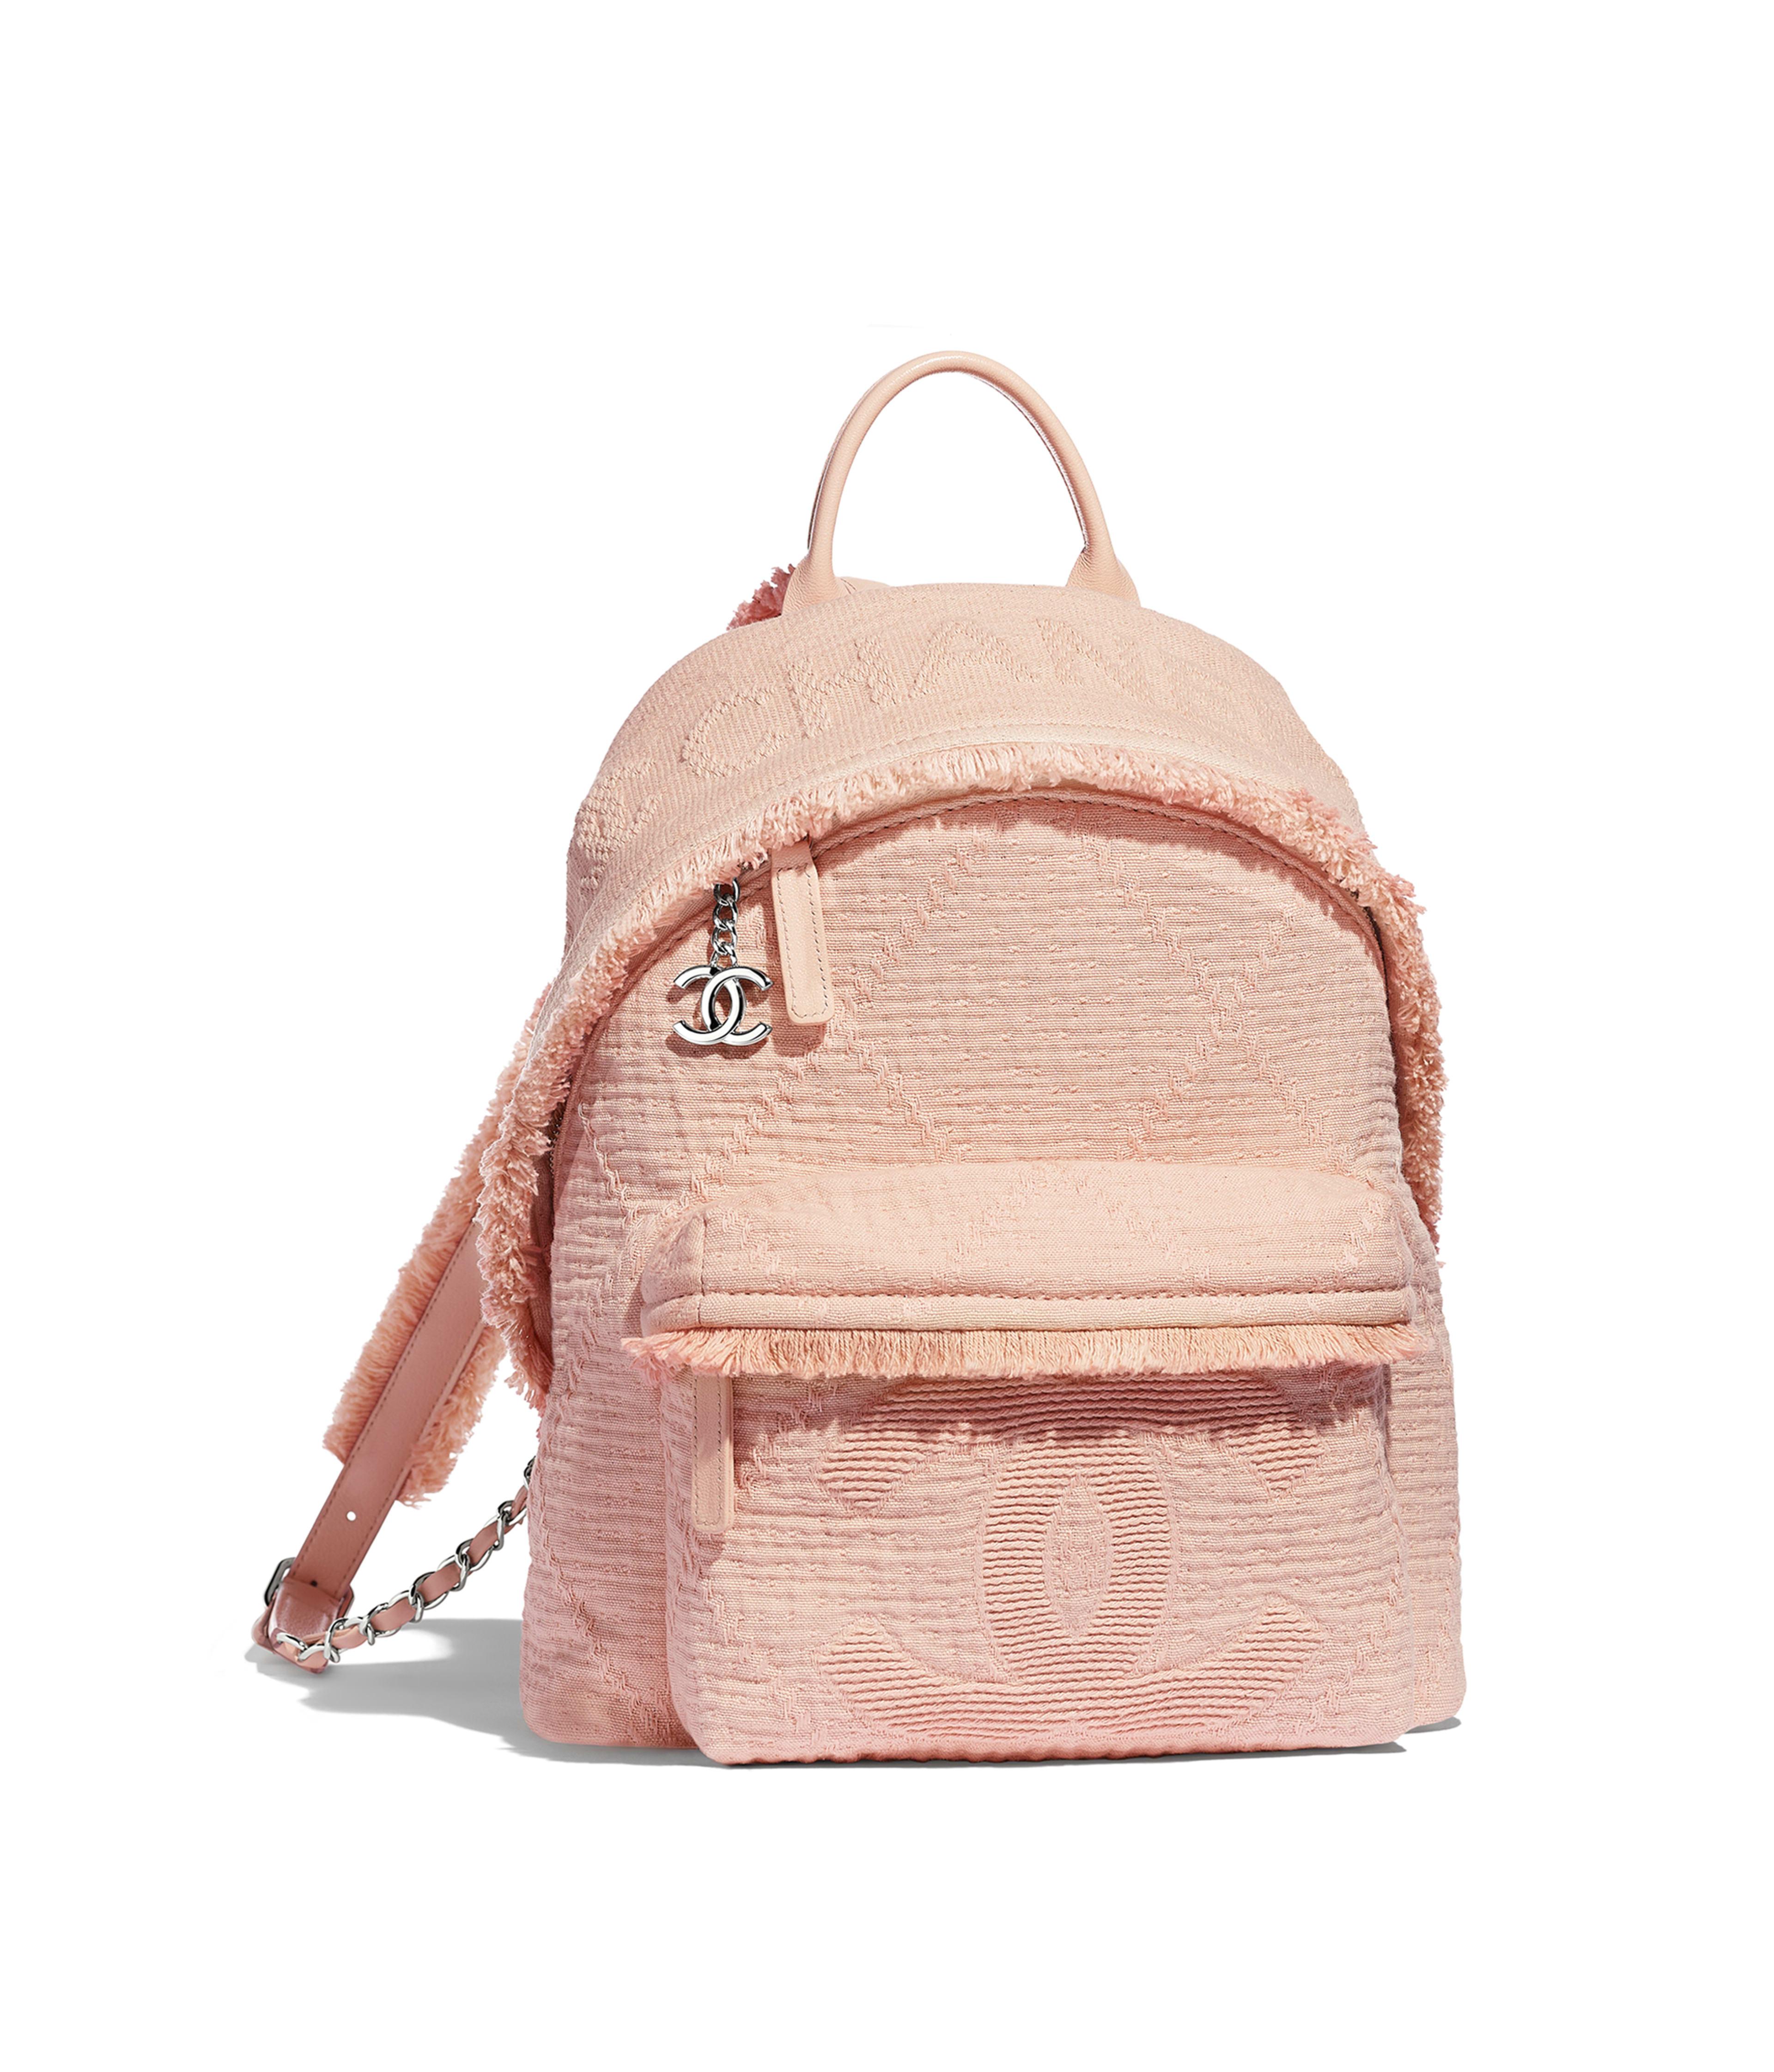 6f2dcea67a5ae7 Backpack Mixed Fibers, Goatskin, Silver-Tone Metal, Light Pink Ref.  AS0313B00107N0519